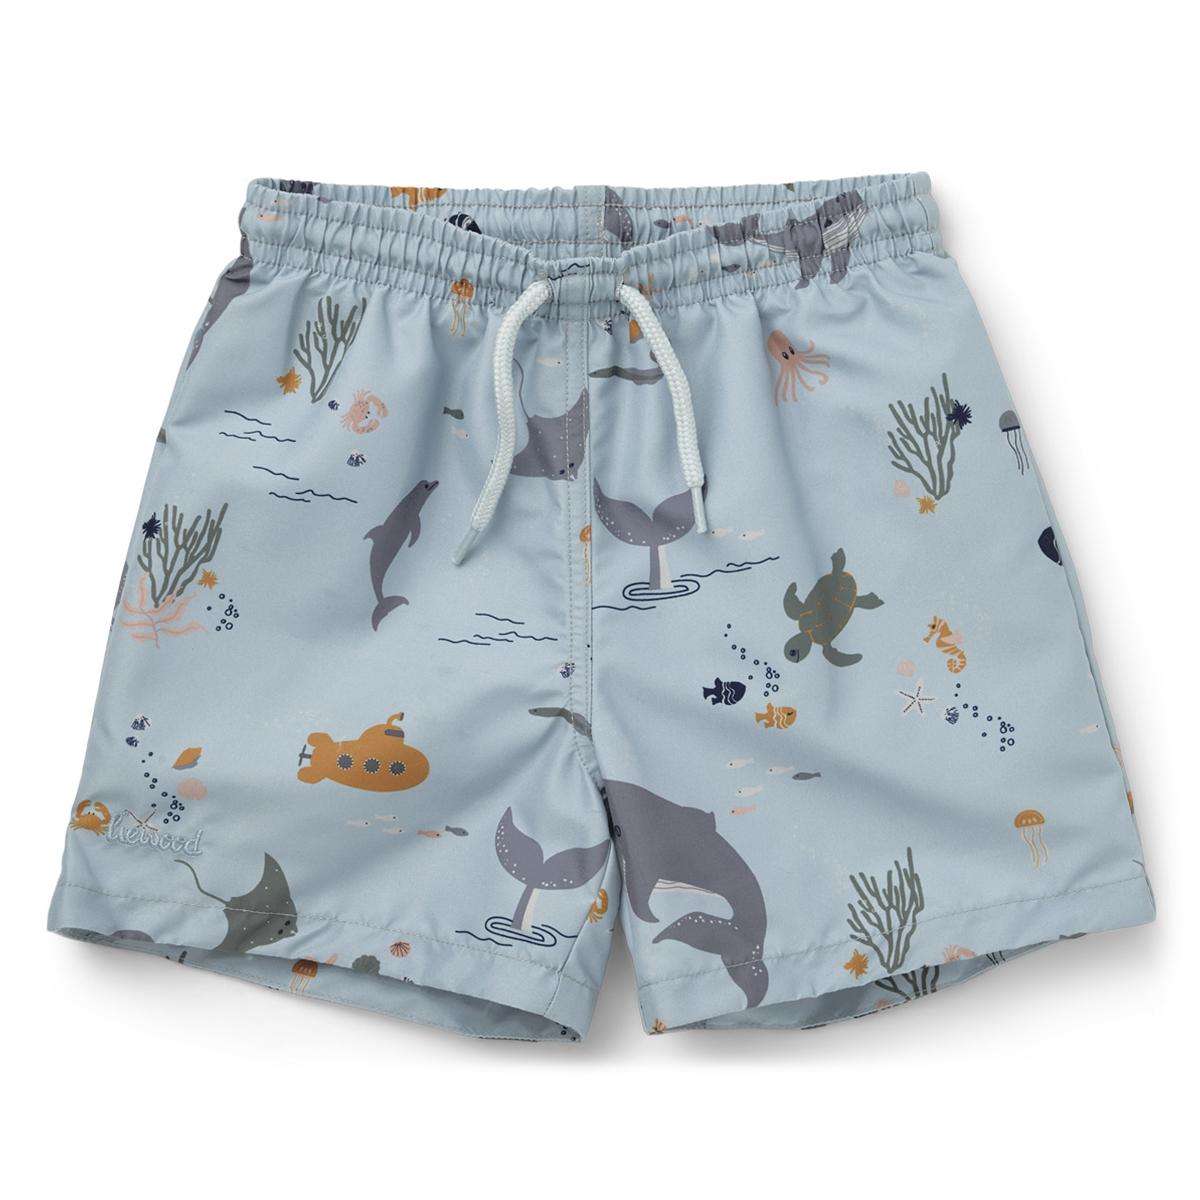 Accessoires bébé Short de Bain Duke Sea Creature Mix - 12/18 Mois Short de Bain Duke Sea Creature Mix - 12/18 Mois